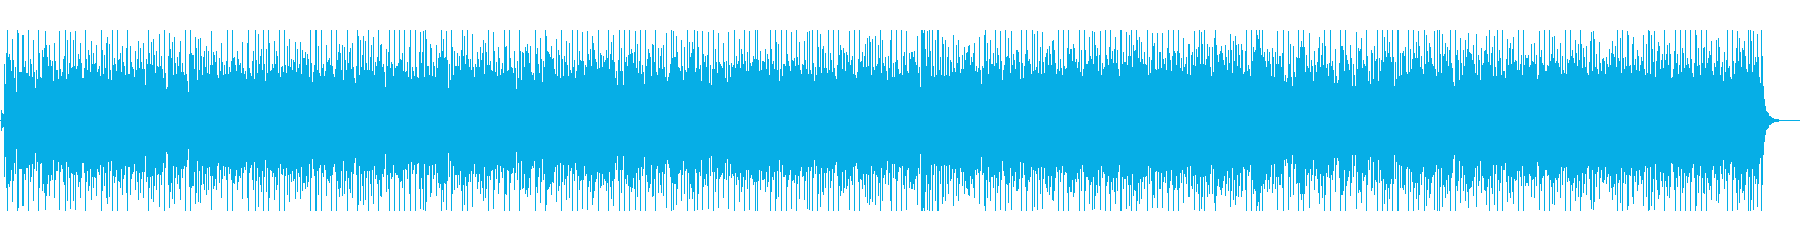 軽やかなリズムが特徴のハッピーな楽曲の再生済みの波形